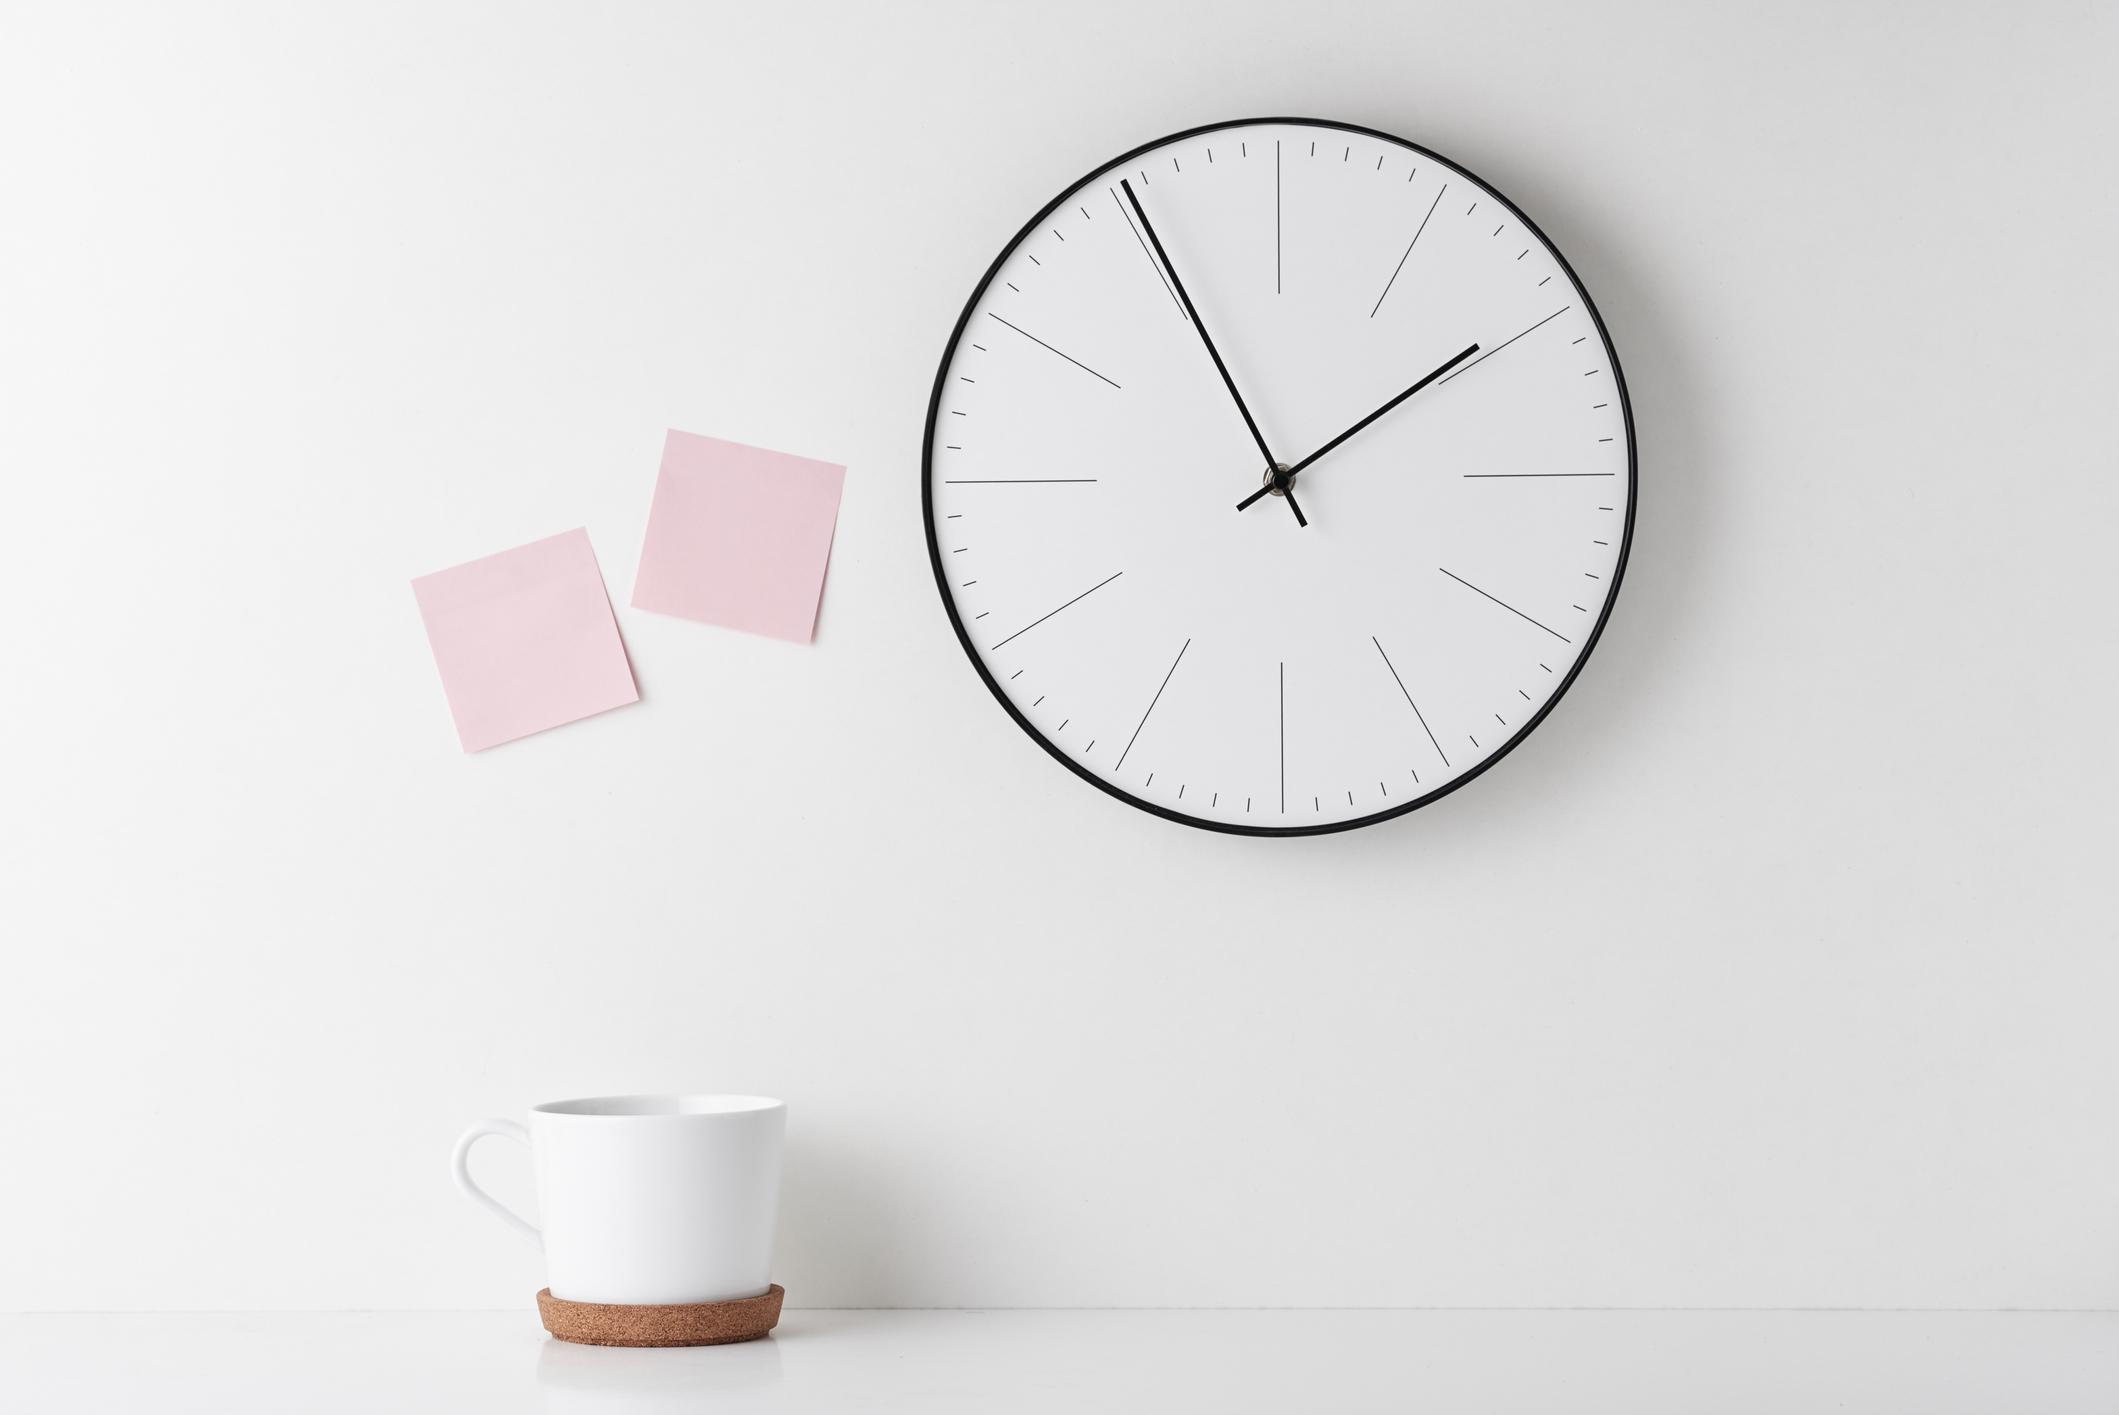 Vešiaky šetria miesto a hodiny šetria čas